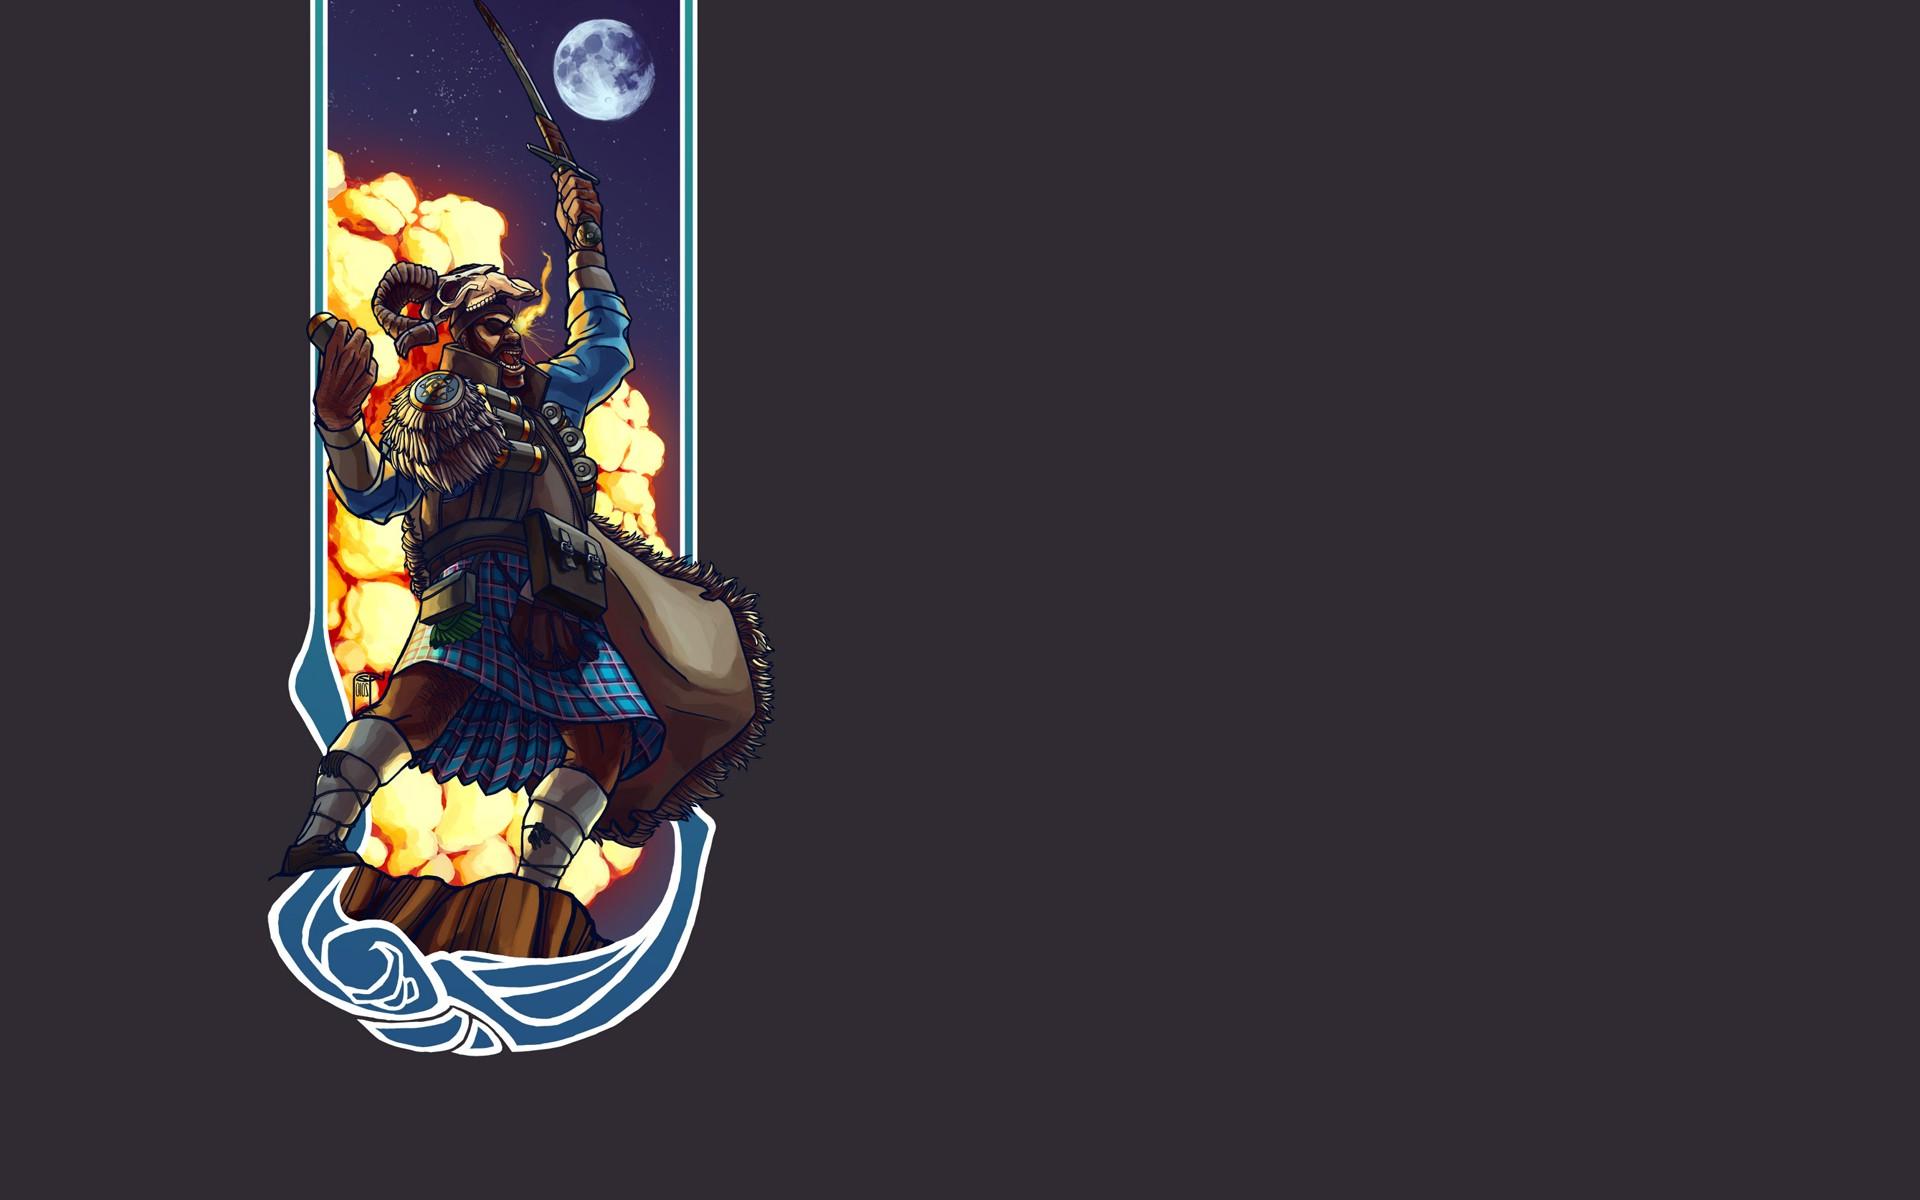 minimalism Video Games Team Fortress 2 Demoman Wallpapers HD 1920x1200